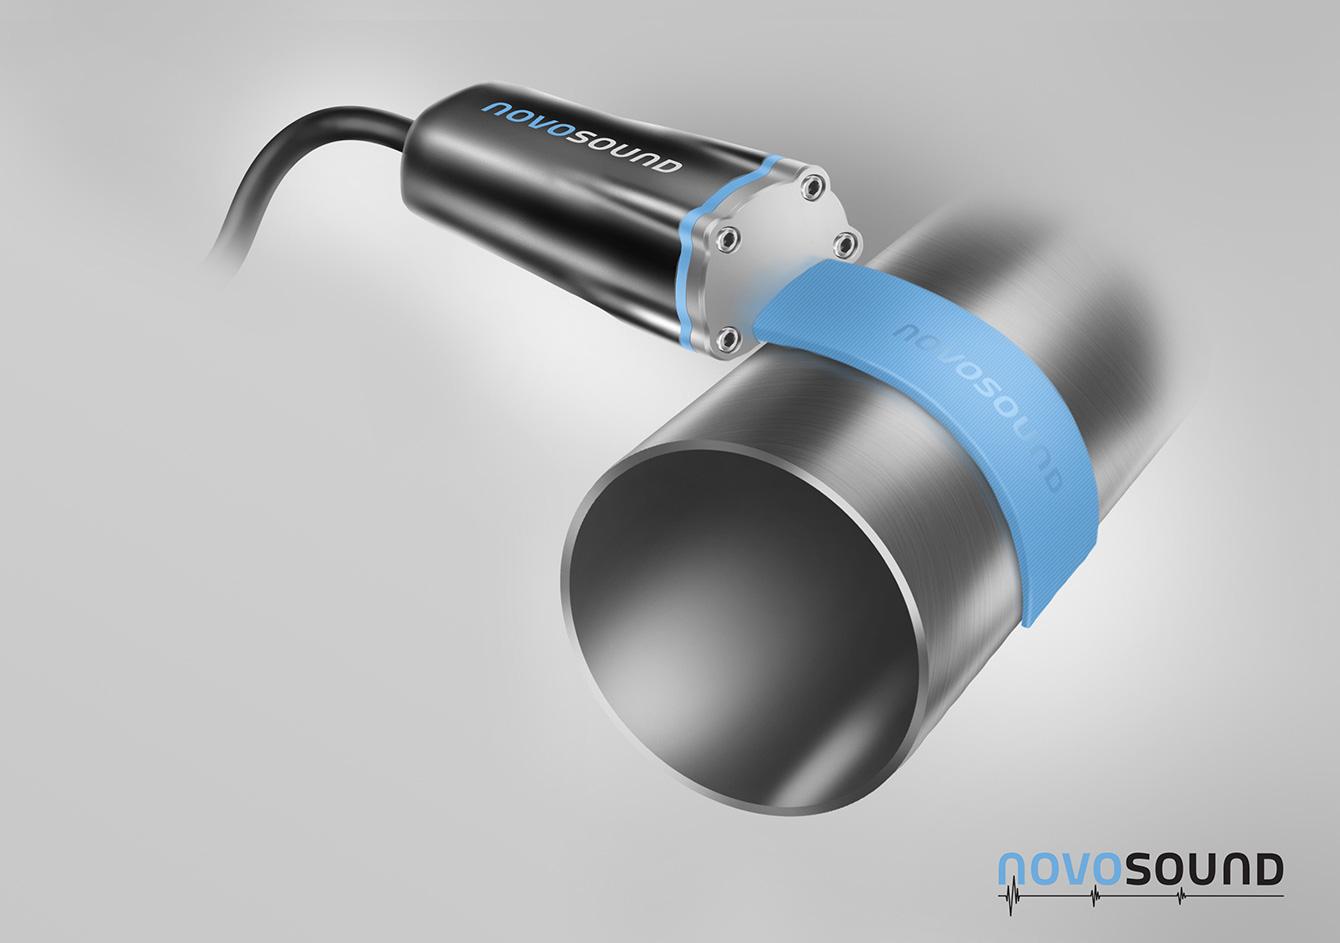 Novosound - Flexible Inspection Array